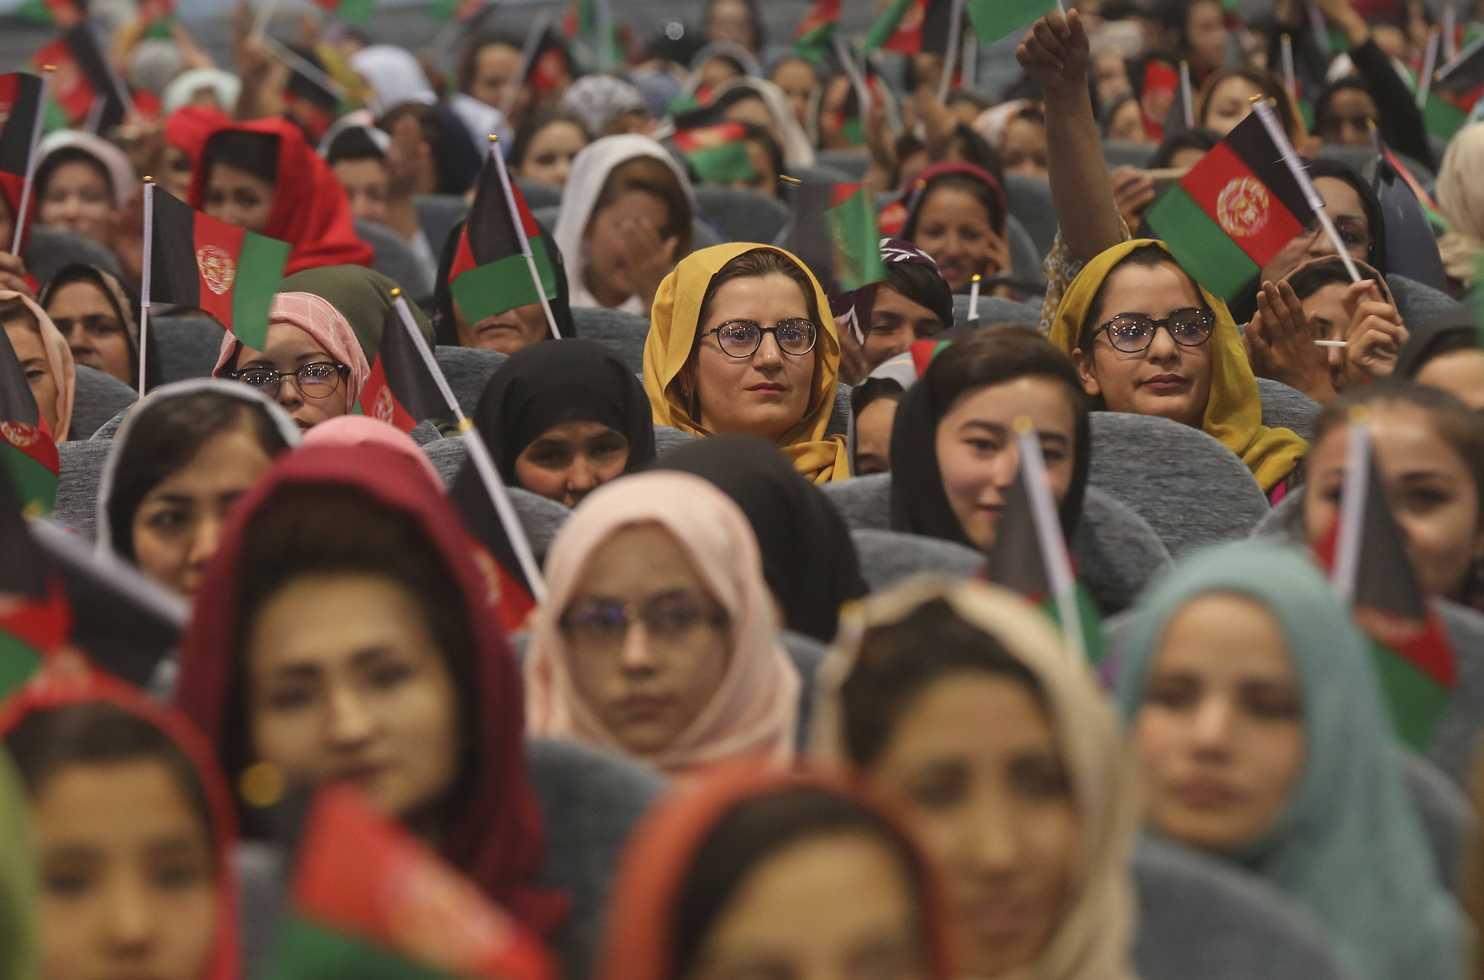 سخنگوی طالبان: زنان شاغل فعلا خانه بمانند/ نیروهای امنیتی ما برای برخورد  با زنان آموزش ندیده اند | اقتصاد24